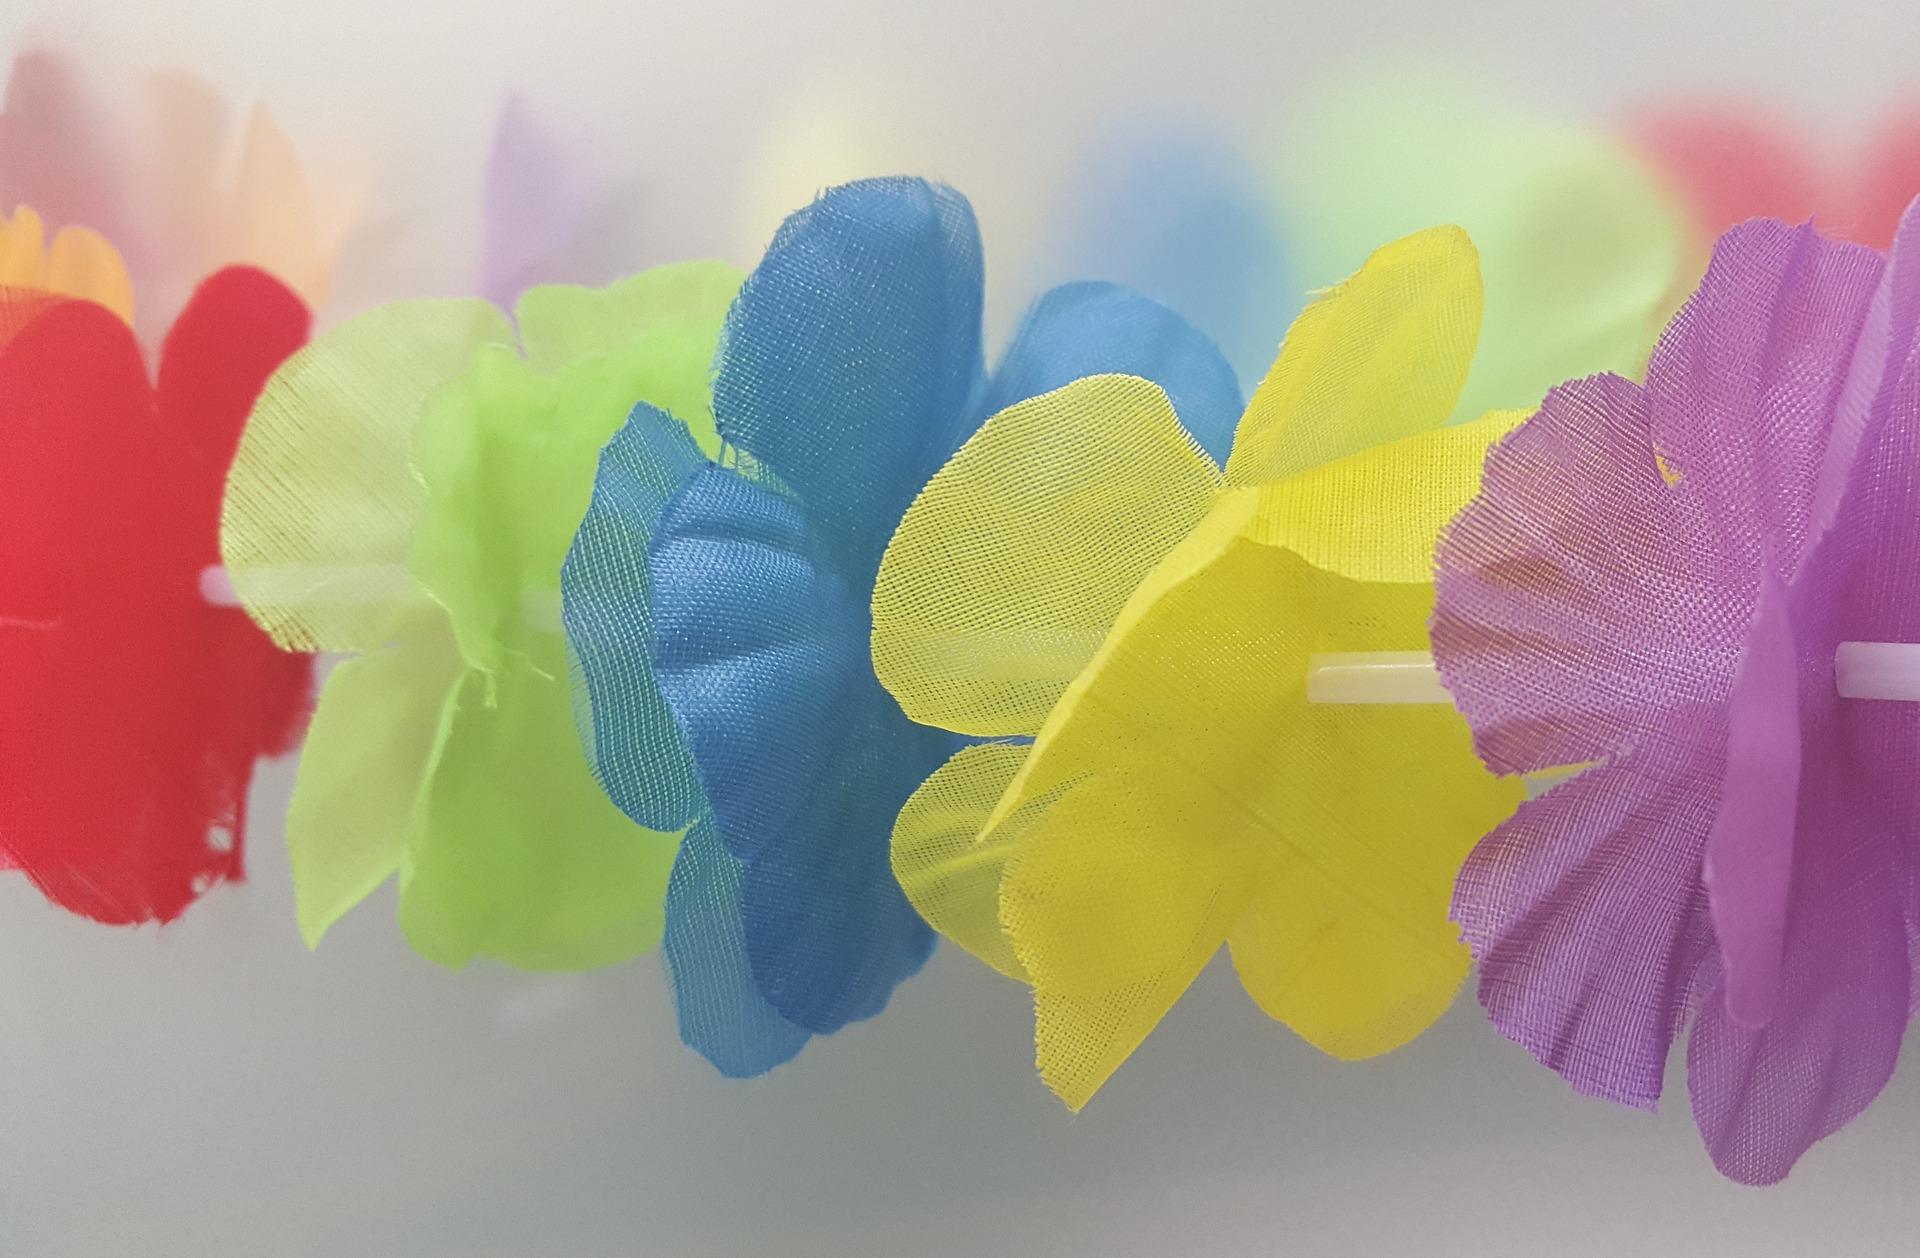 lei-flowers-1177410_1920